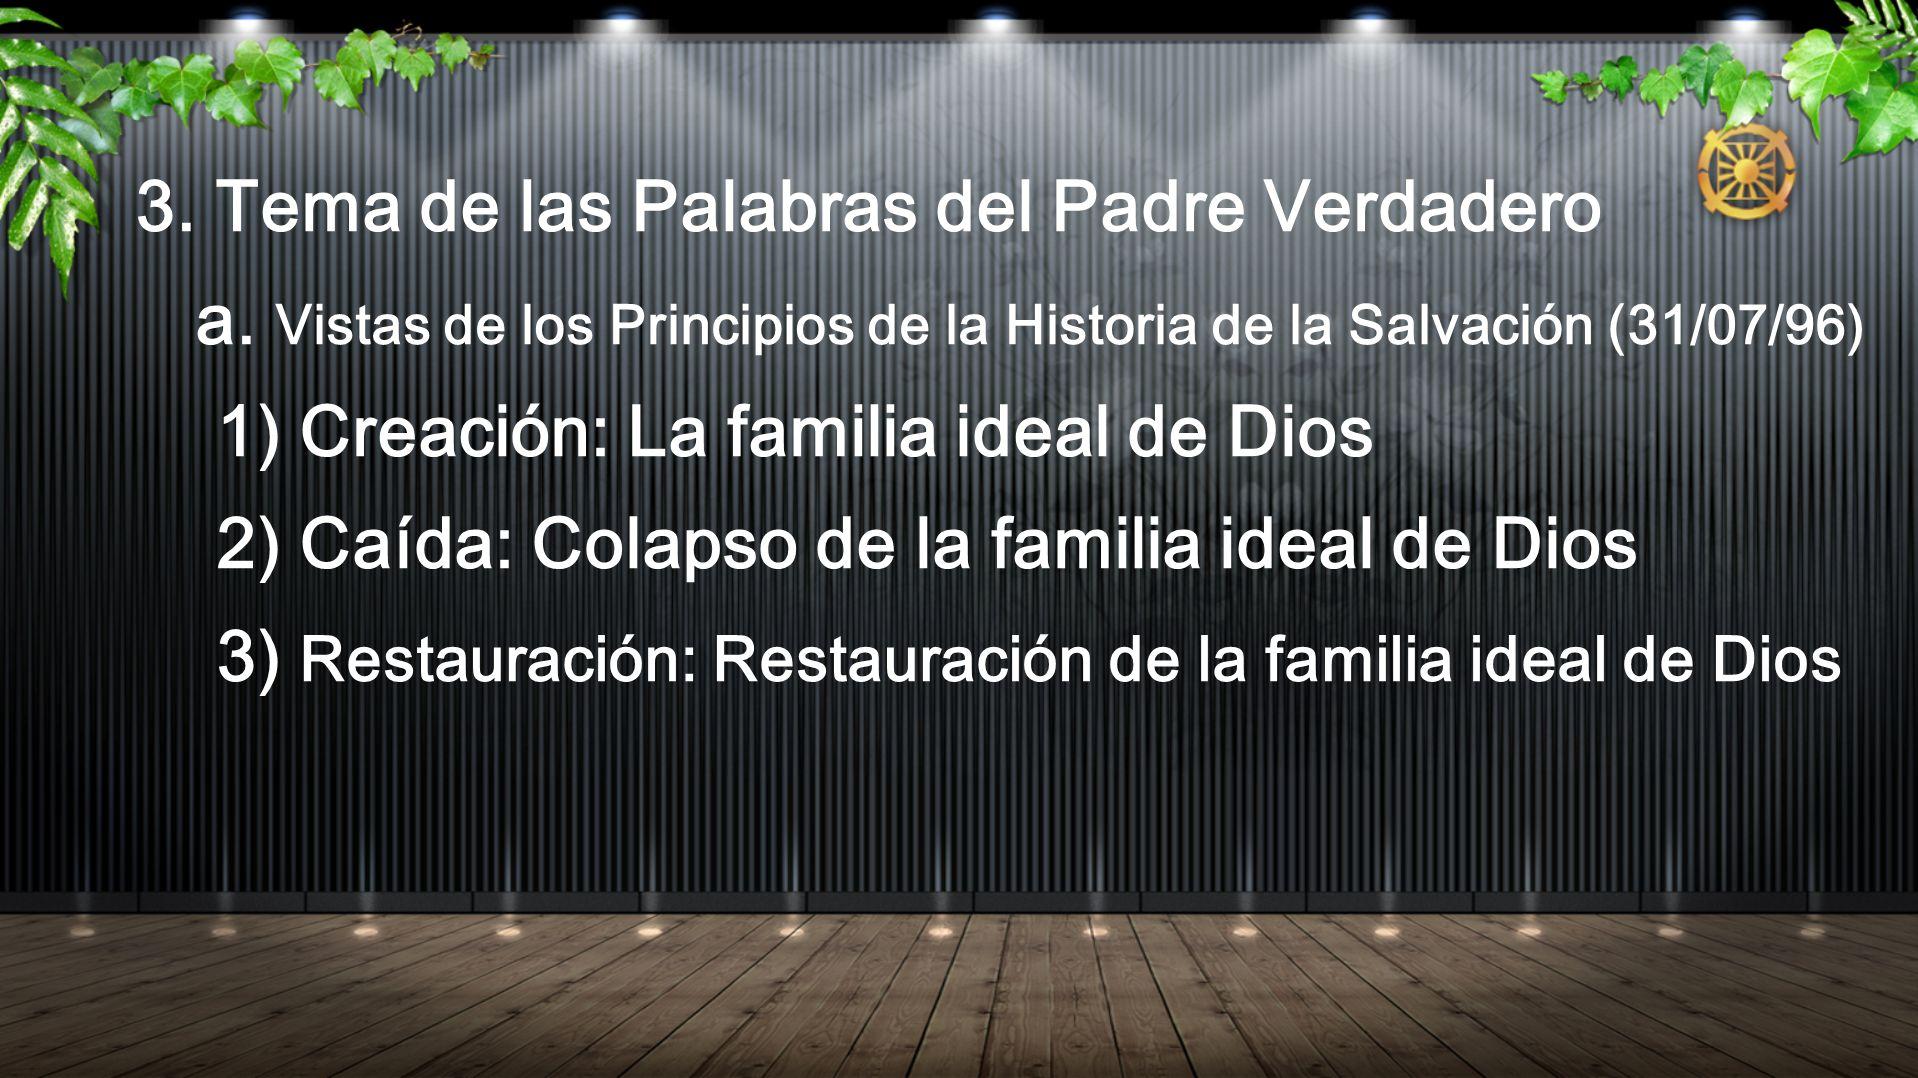 3. Tema de las Palabras del Padre Verdadero a. Vistas de los Principios de la Historia de la Salvación (31/07/96) 1) Creación: La familia ideal de Dio